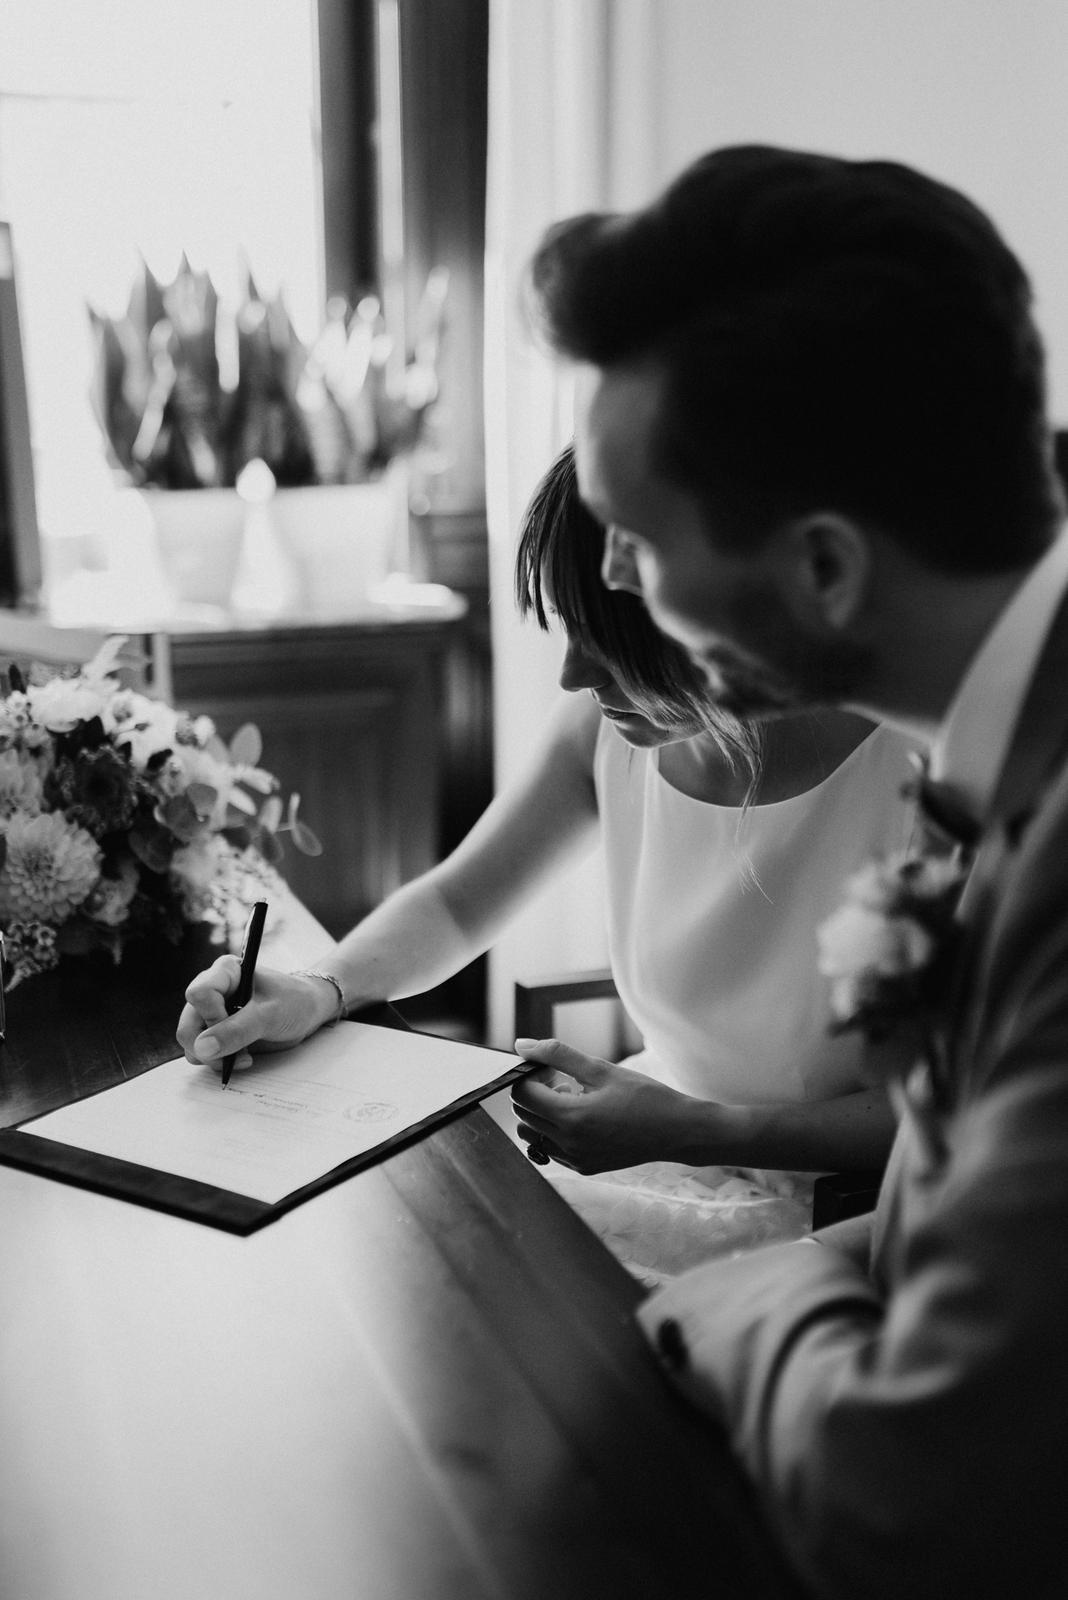 Brautpaar am Standesamt, Unterschrift der heiratsurkunde, schwarz-weiss